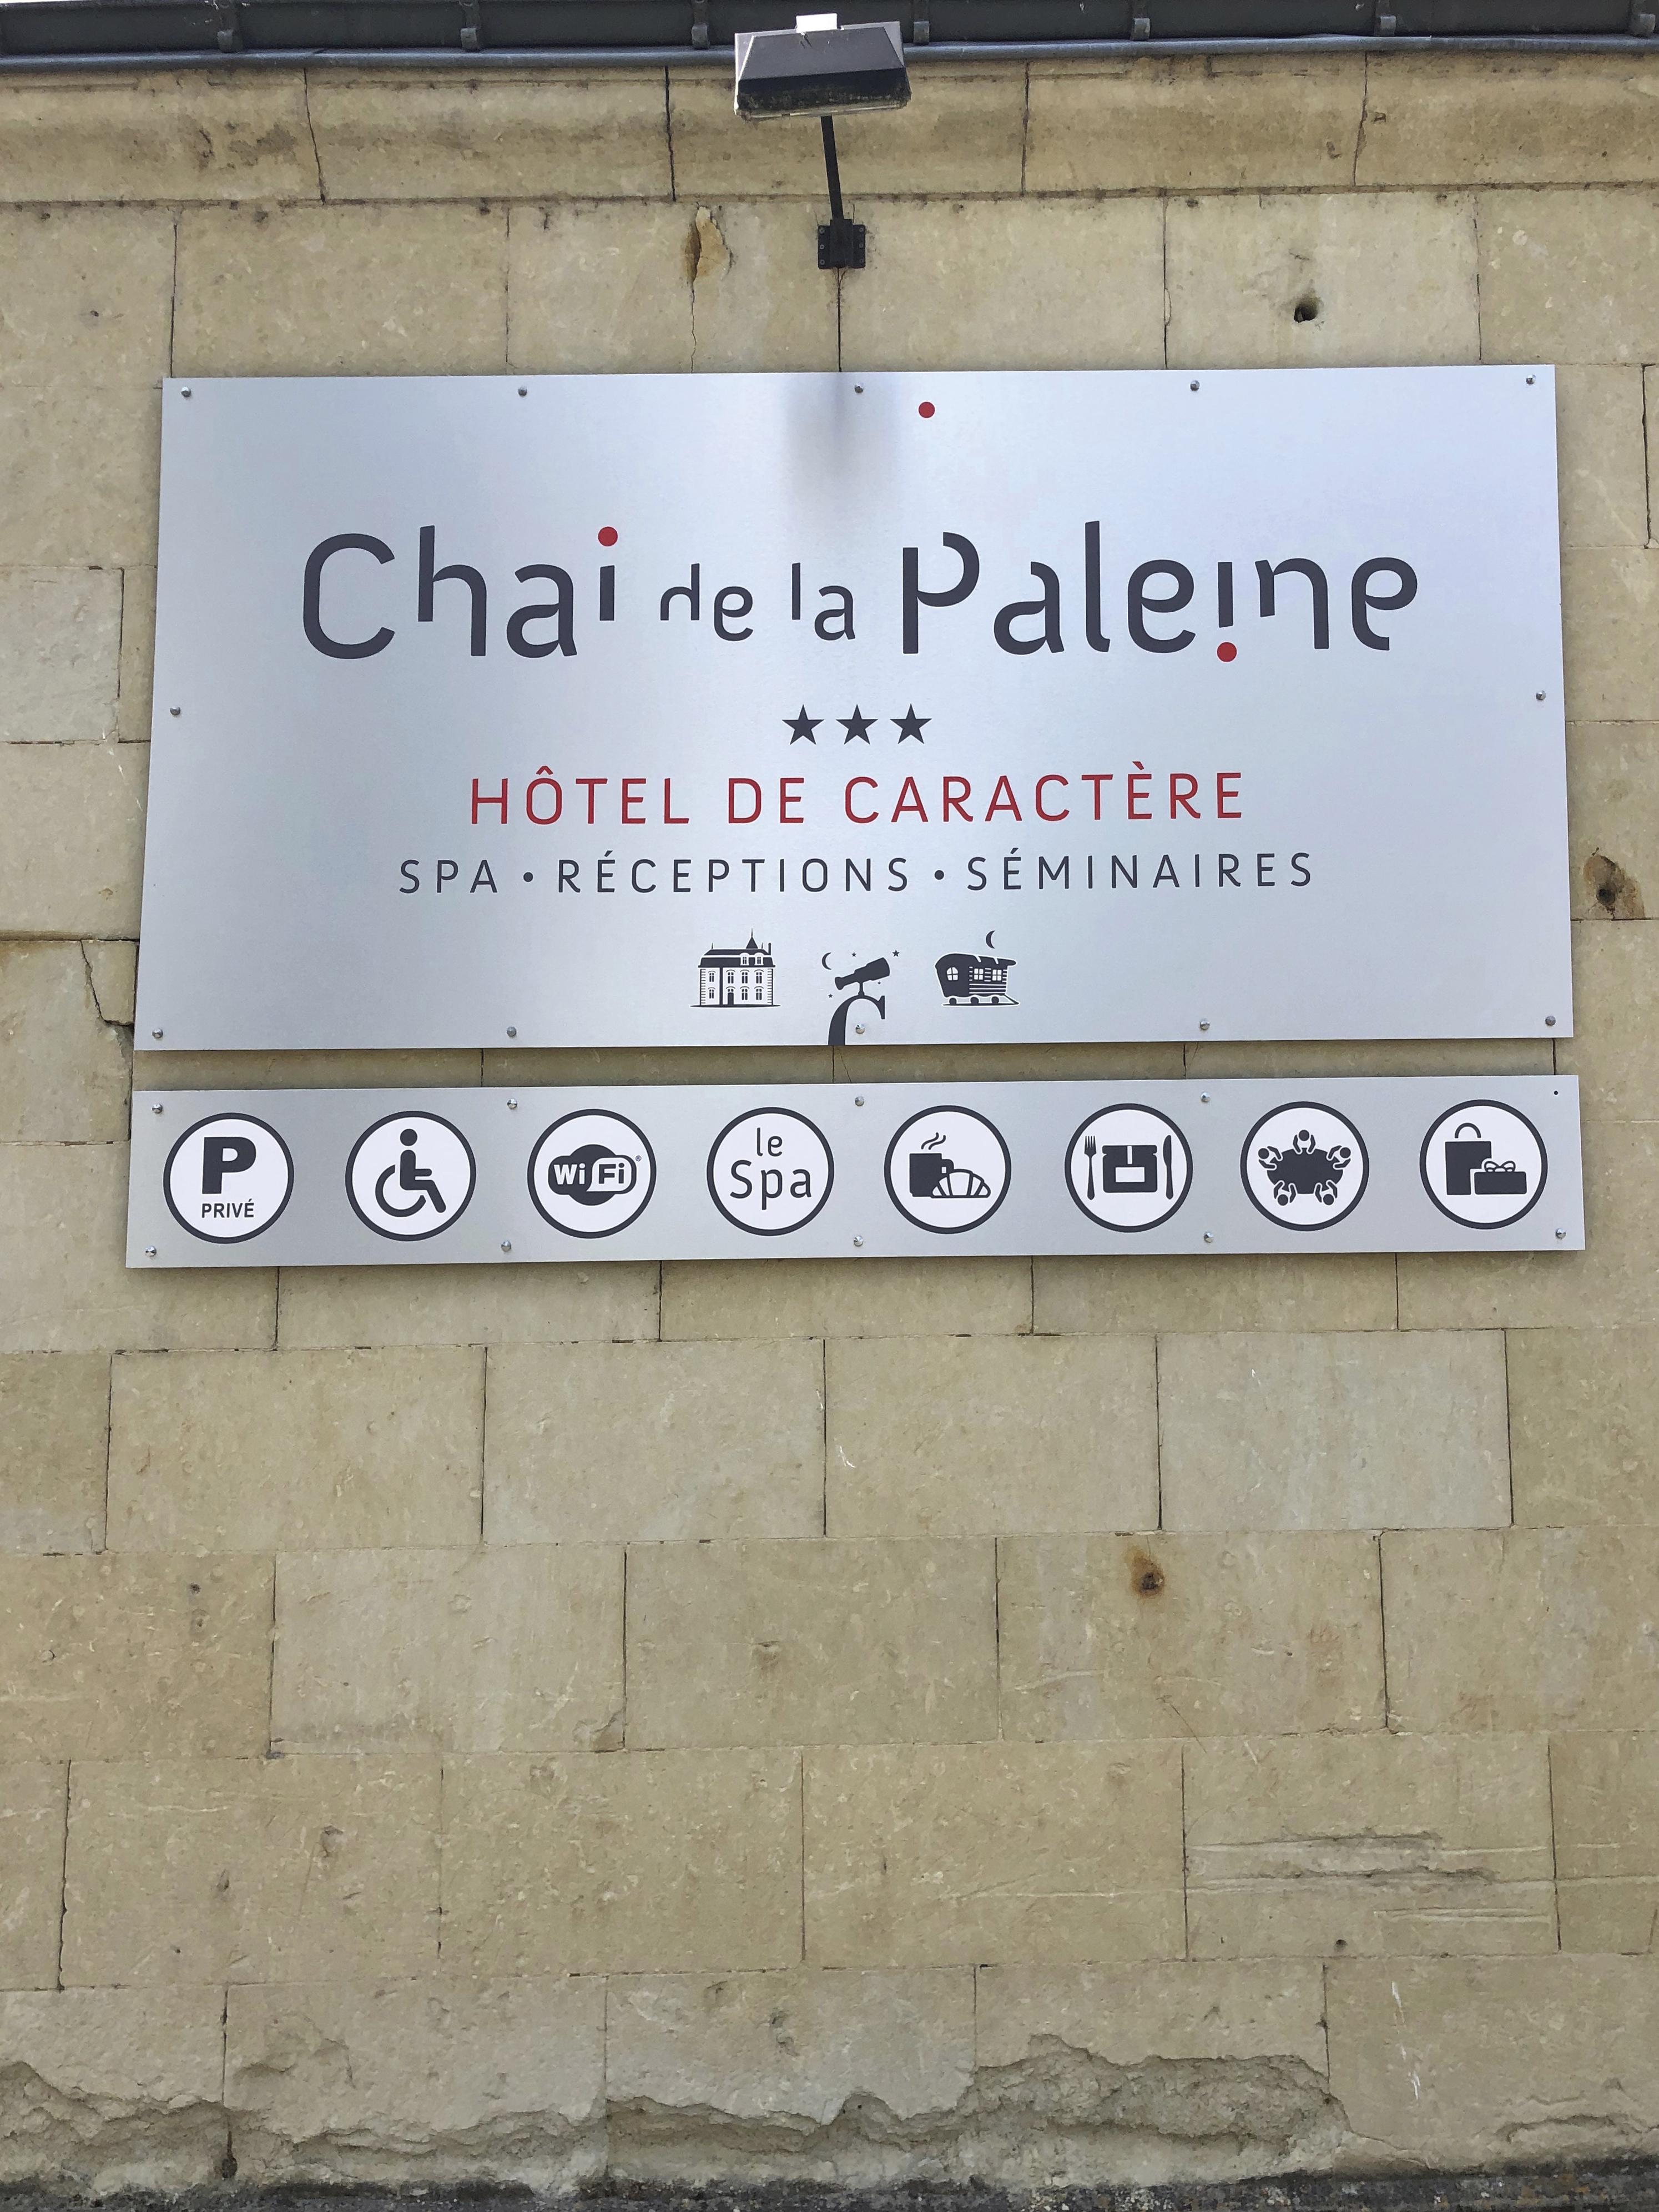 Enseigne de l'Hotel Le chai de la Paleine réalisée par Elographic